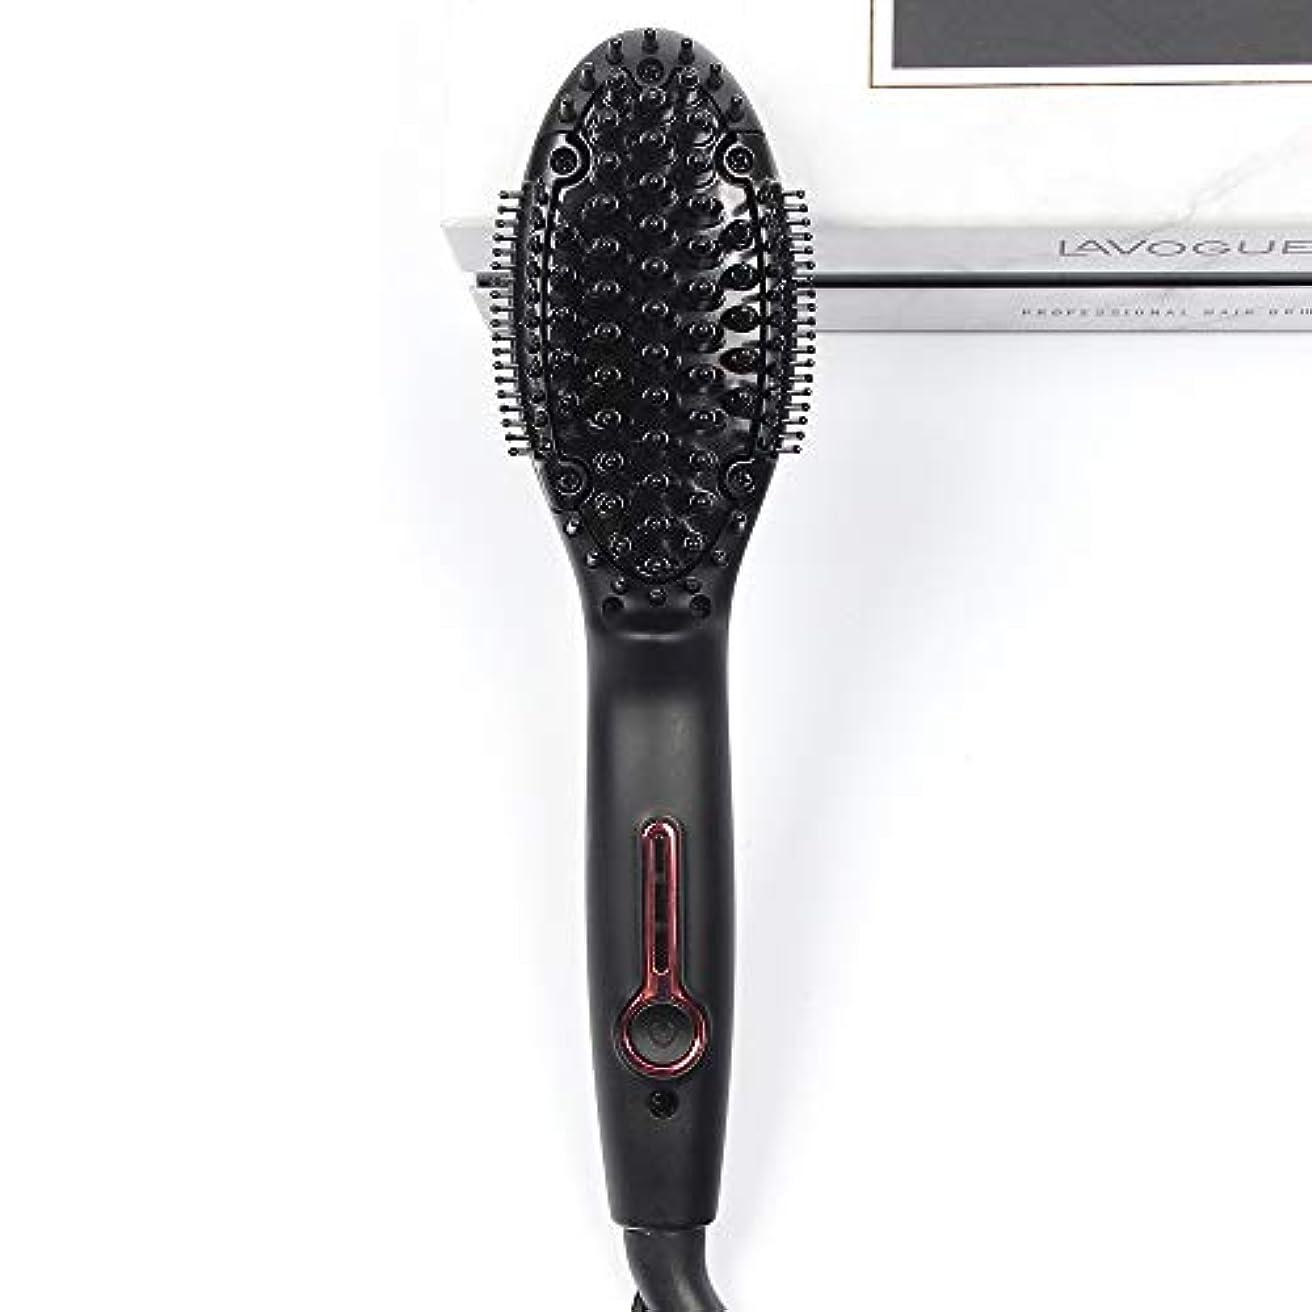 ユニークなヒステリック再生的プロのセラミックストレートヘアアイロン、ミニ多機能ストレートヘア櫛アンチスケーリングマッサージ歯矯正は髪を傷つけません